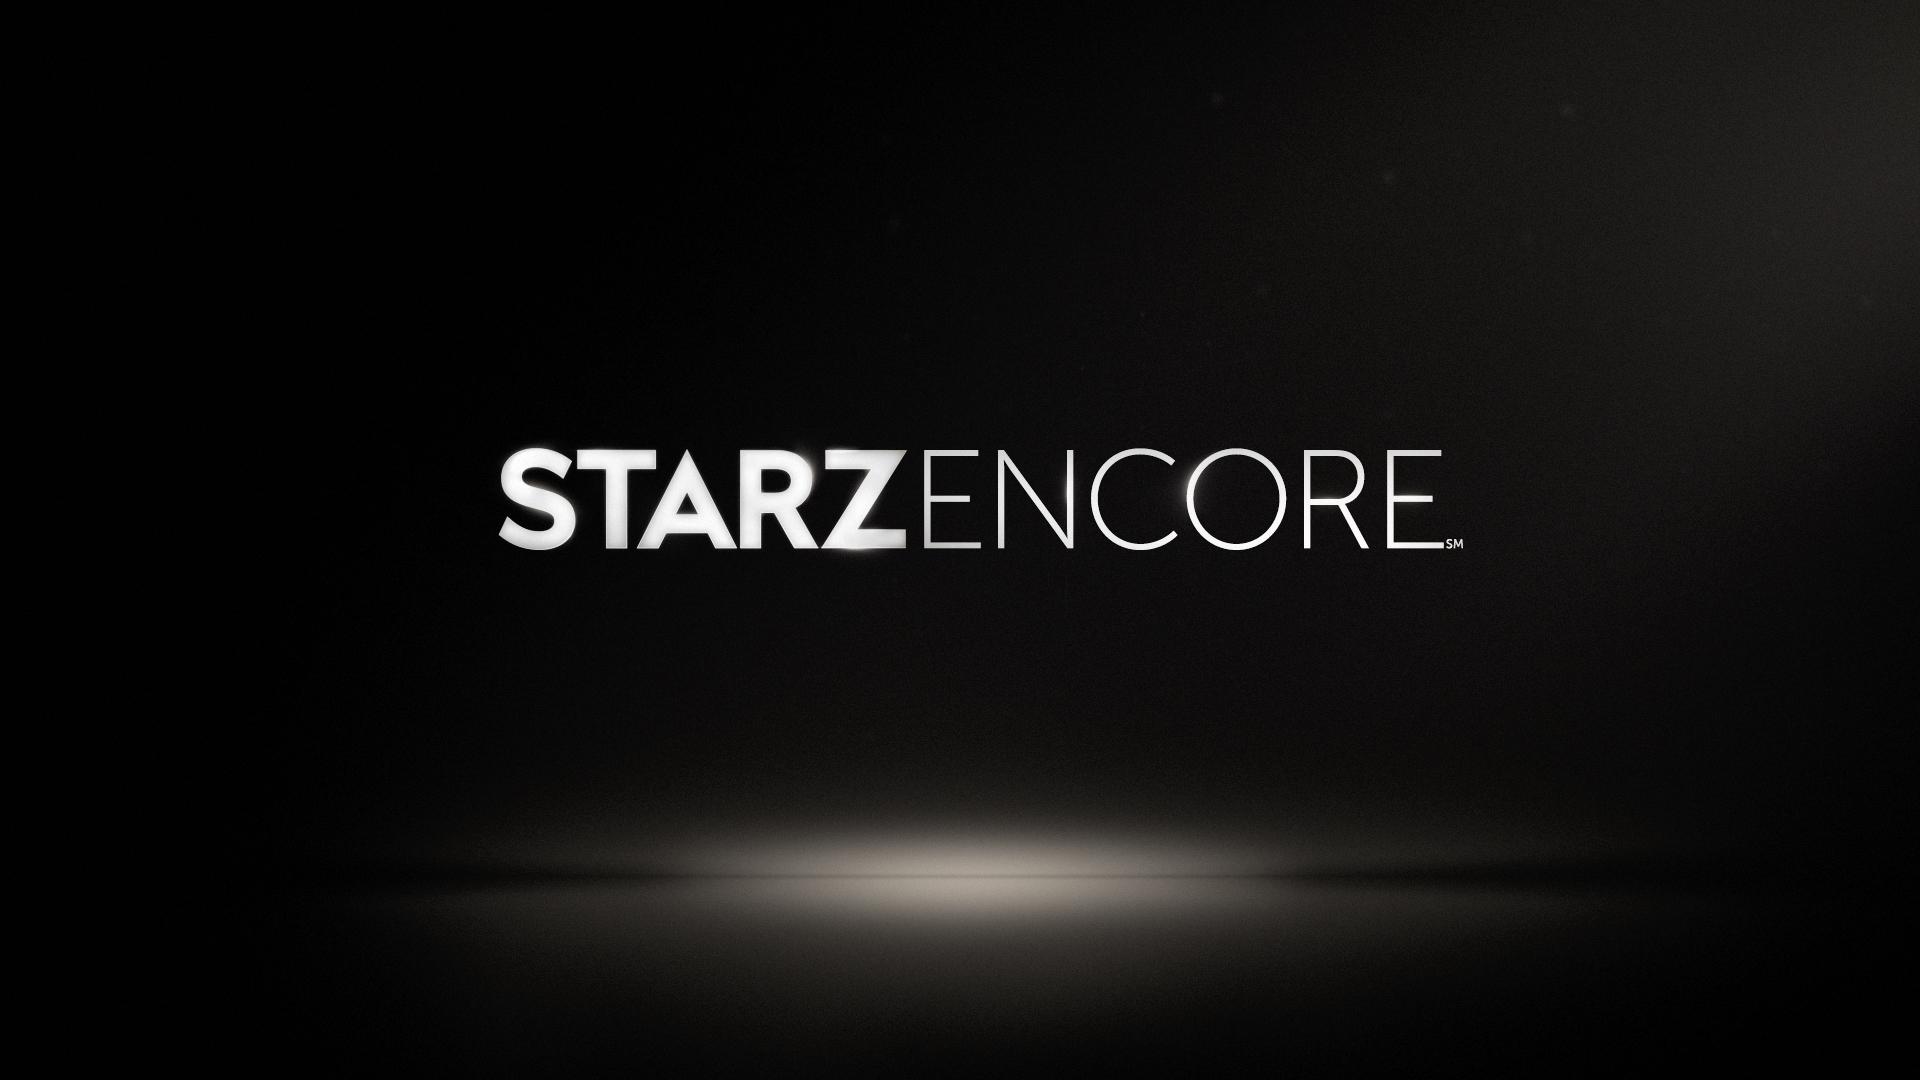 COURTESY OF STARZ